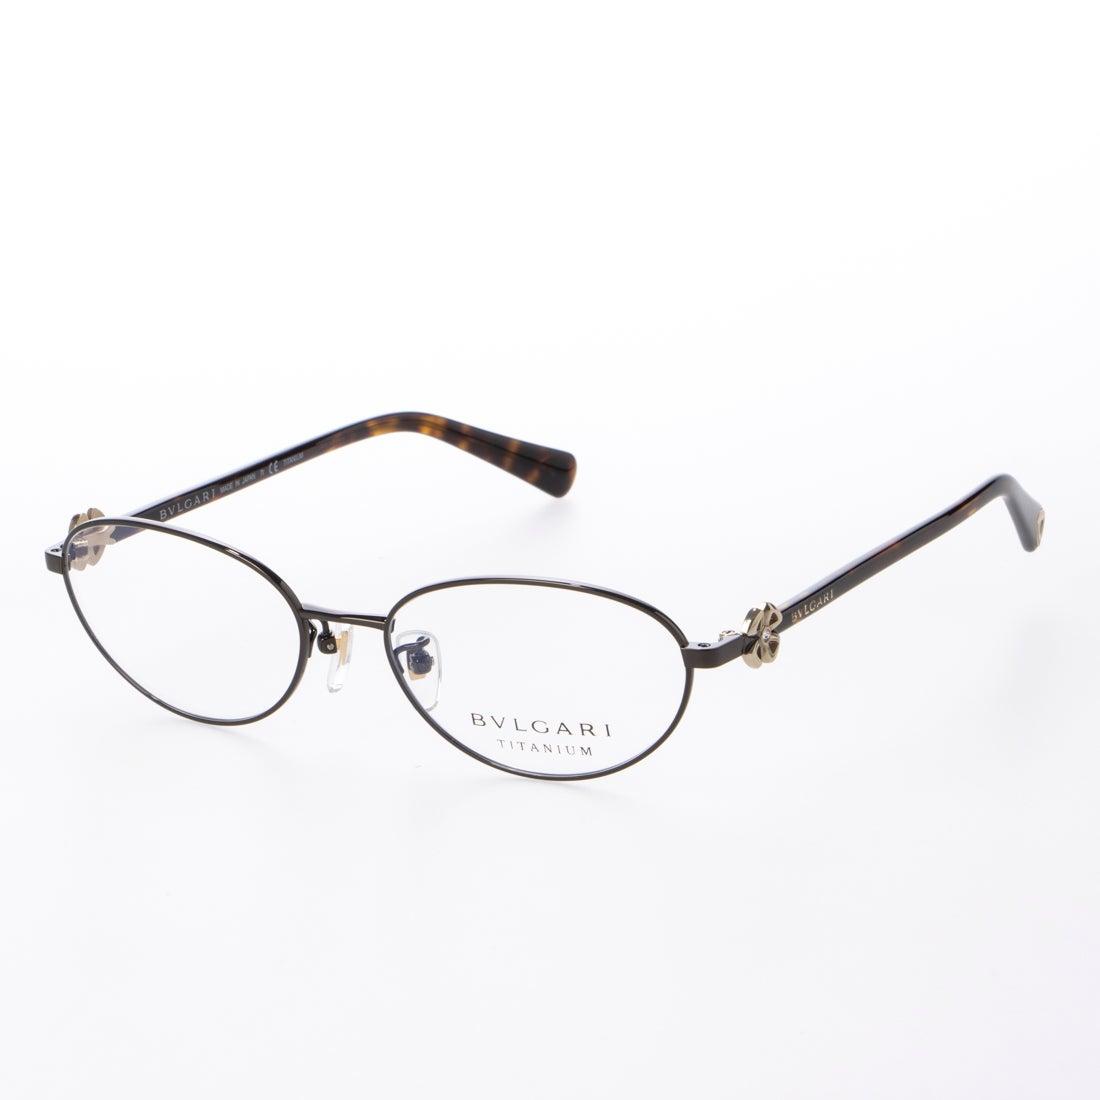 ブルガリ BVLGARI メガネ 眼鏡 アイウェア レディース メンズ (ブラウン/ハバナ)